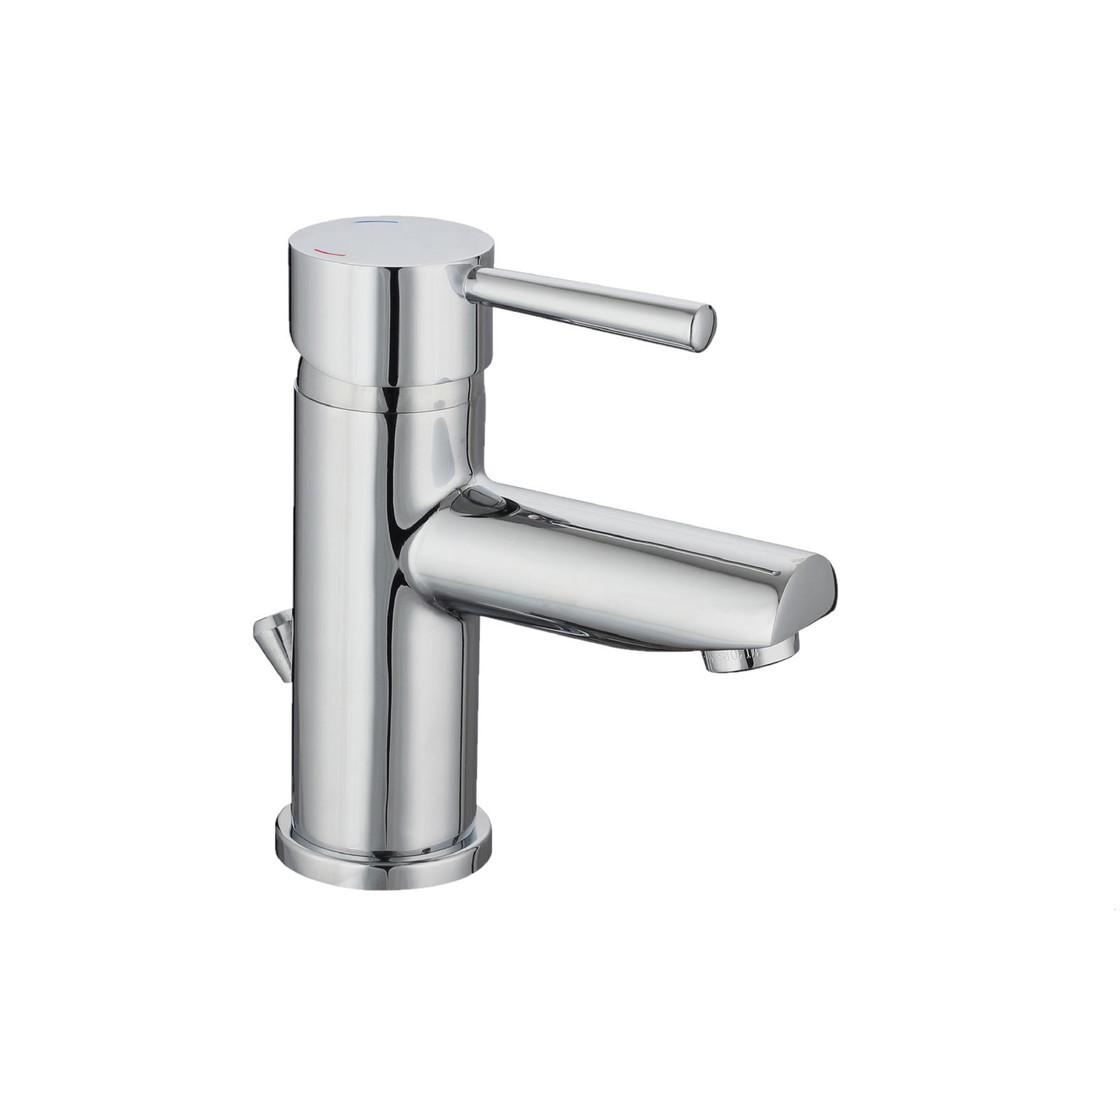 Schütte Waschtischarmatur UNICORN, Chrom 33710 Badezimmer Armatur